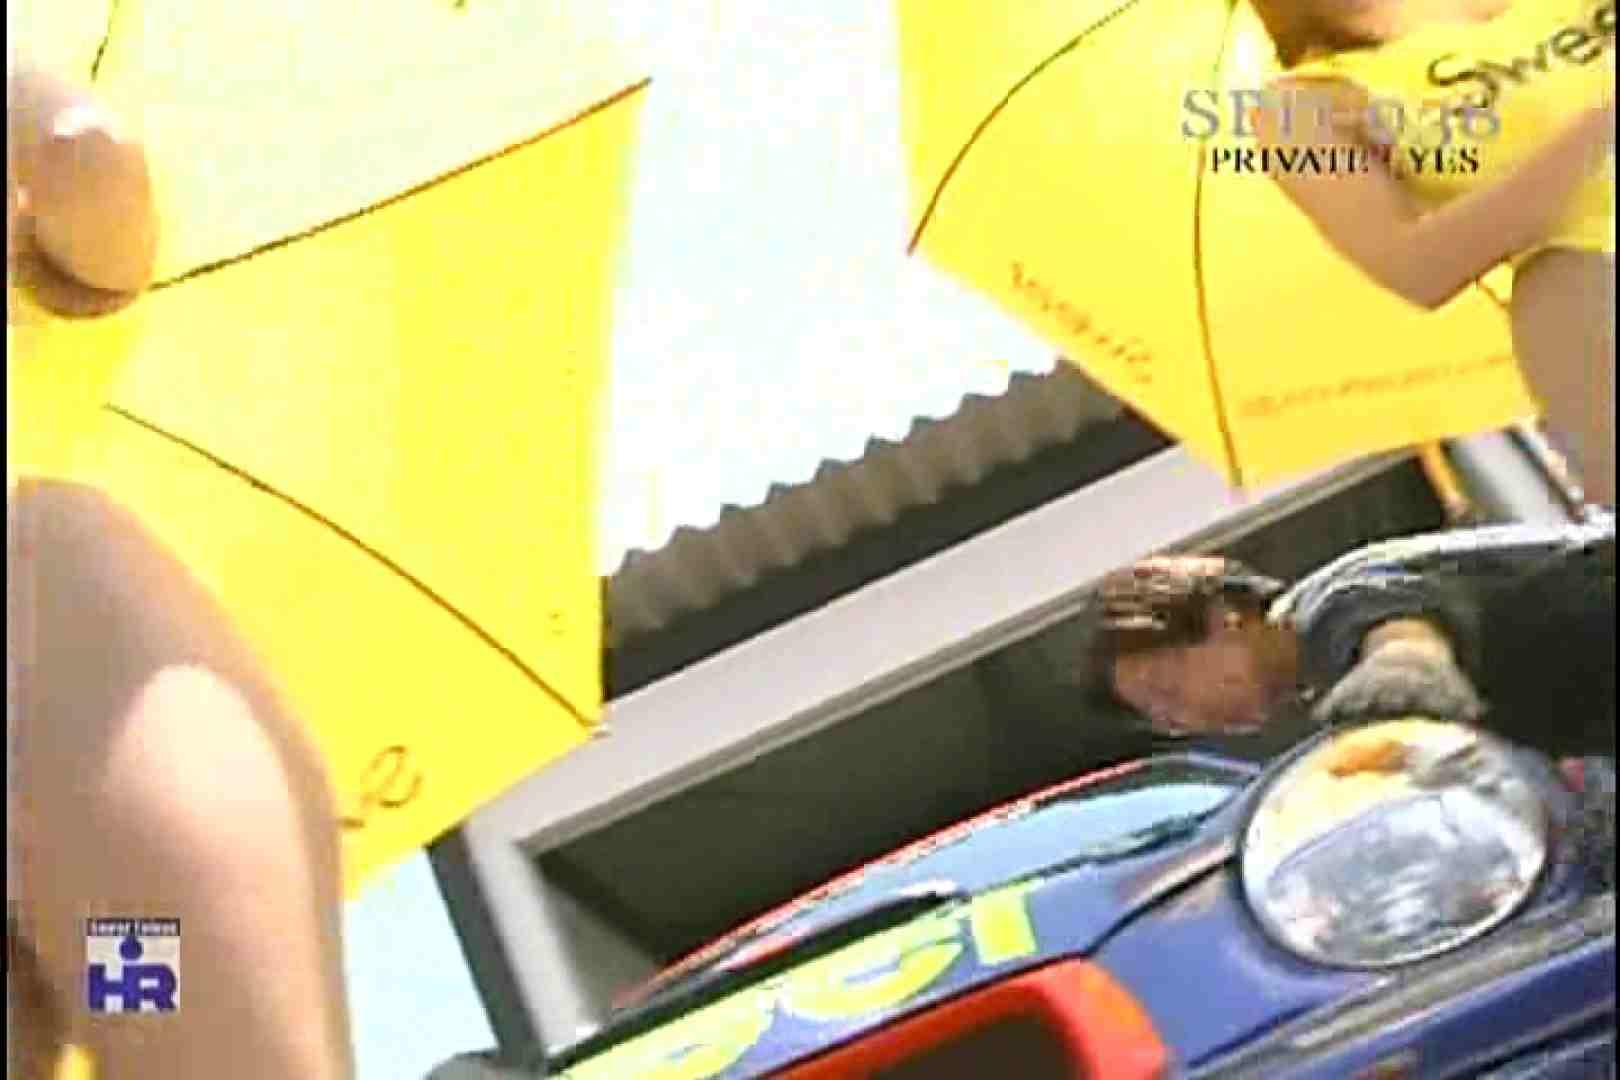 高画質版!SPD-038 サーキットの女神達 仙台ハイランドレースウェイ 高画質 すけべAV動画紹介 17連発 6